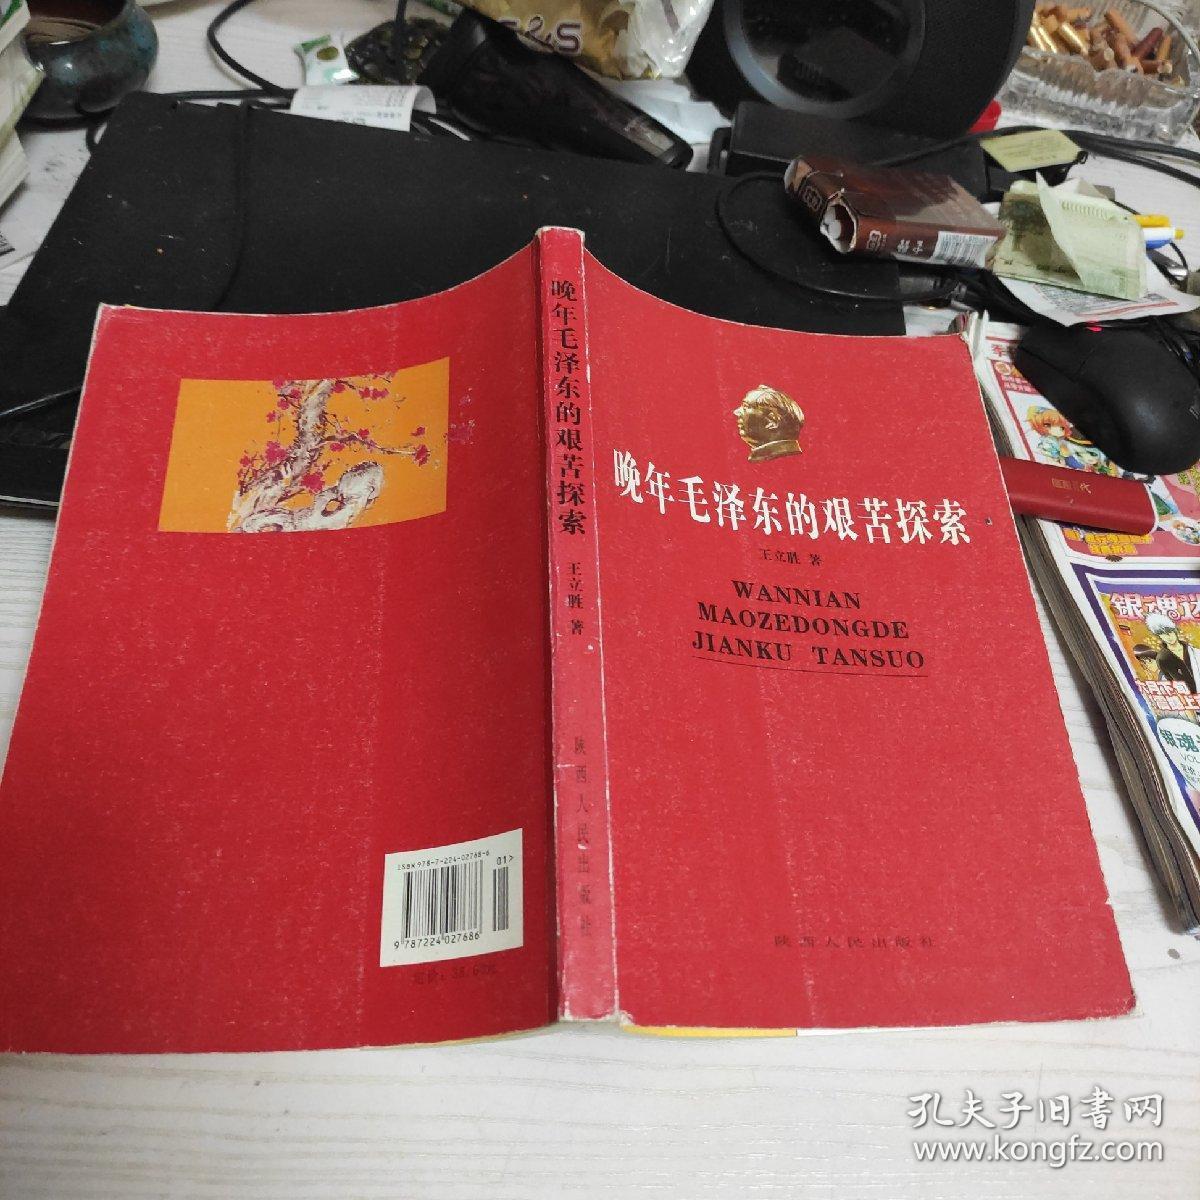 晚年毛泽东的艰苦探索